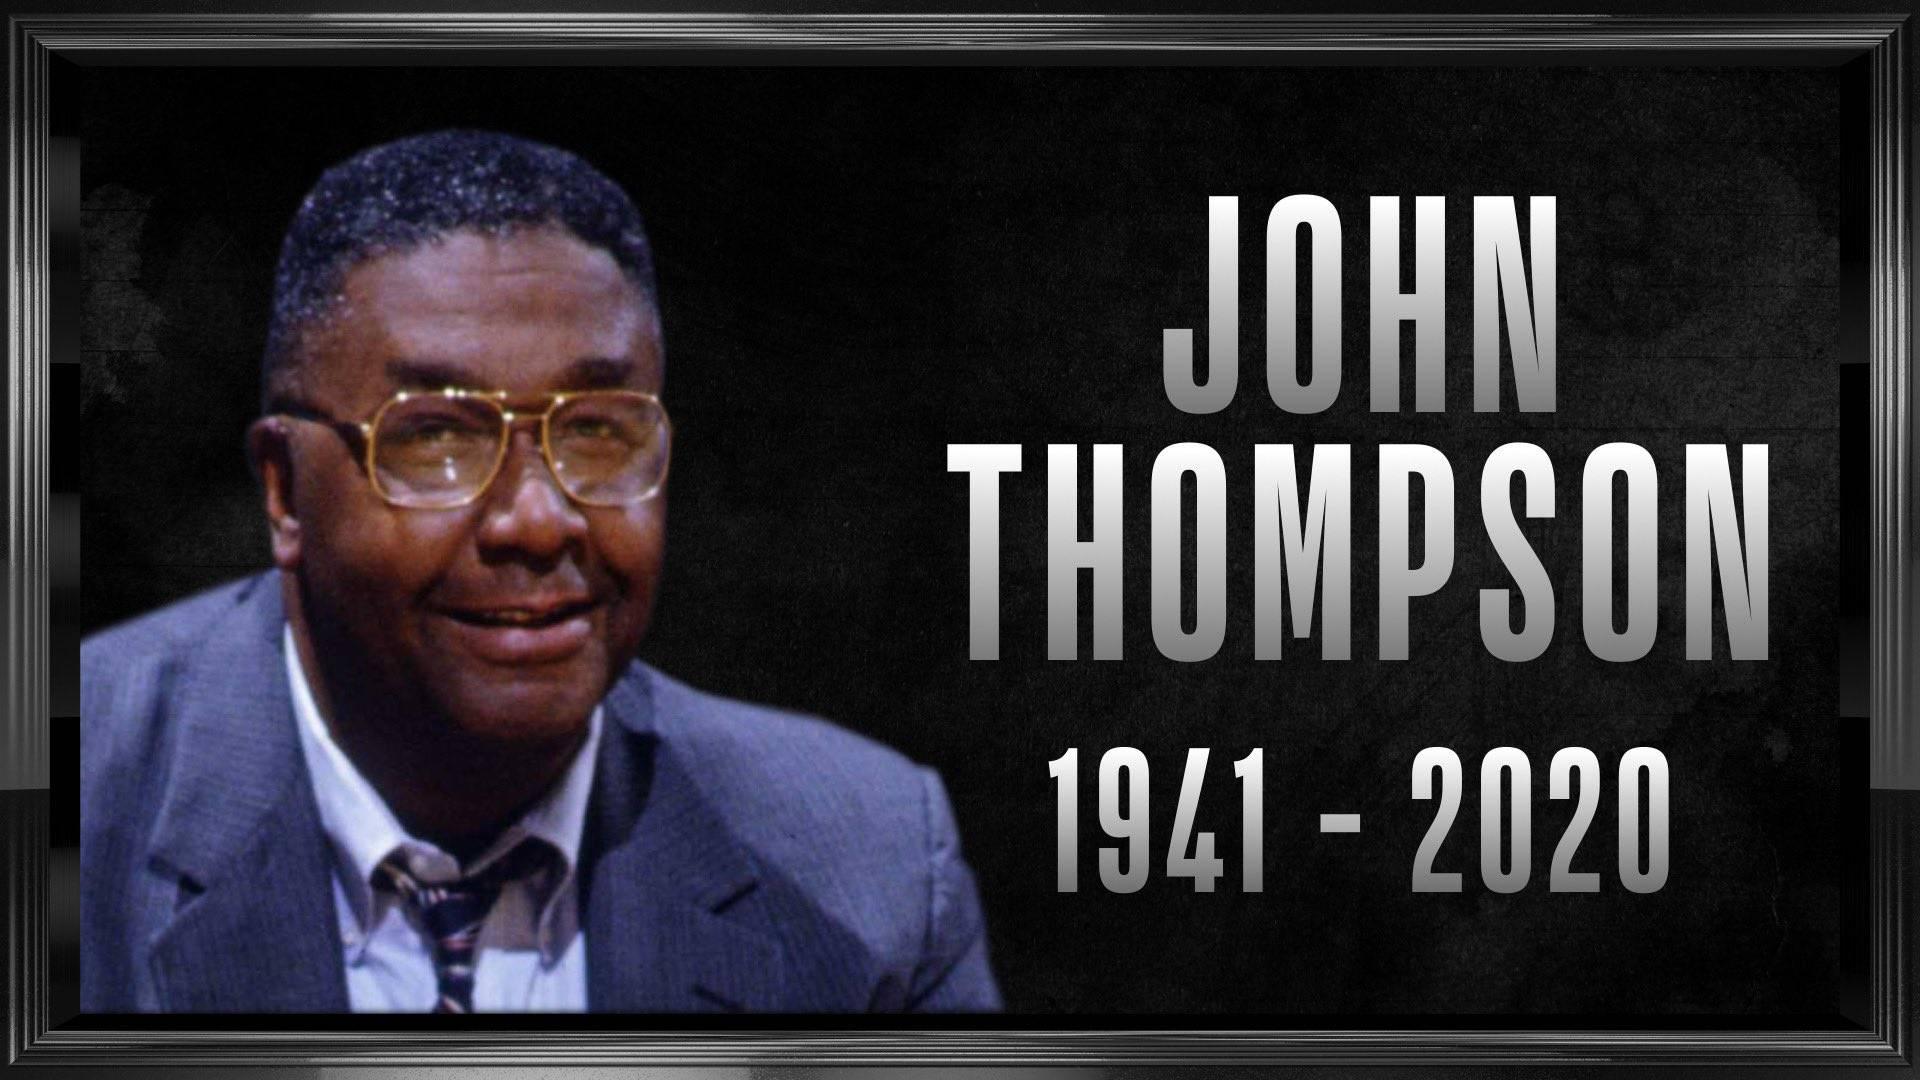 名人堂主帅约翰-汤普森去世 众多名宿发文悼念